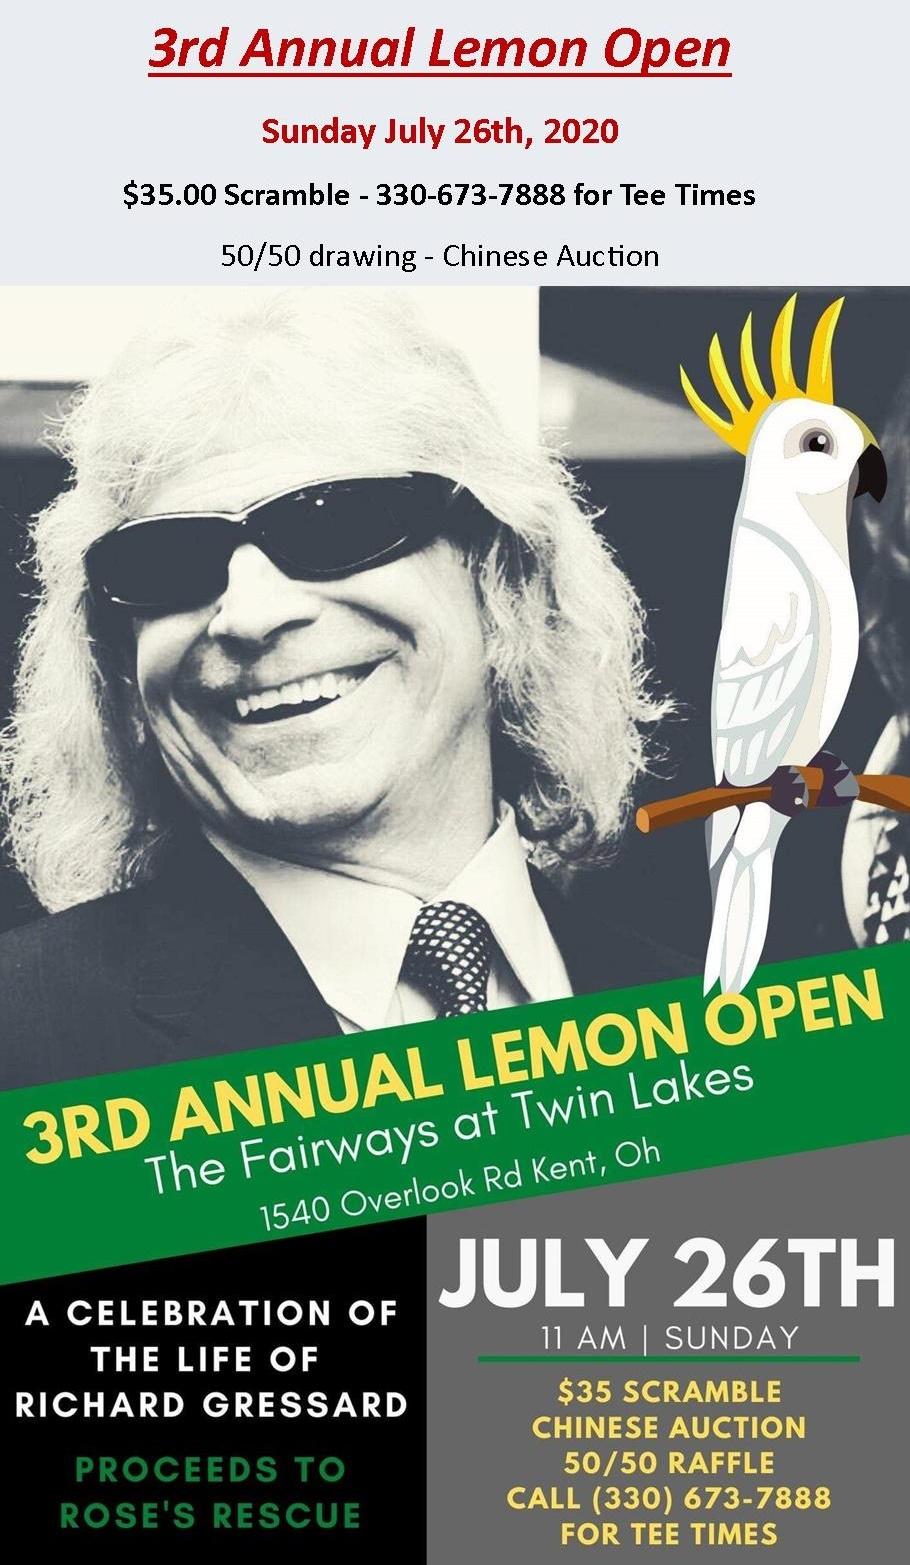 Lemon Open 2020